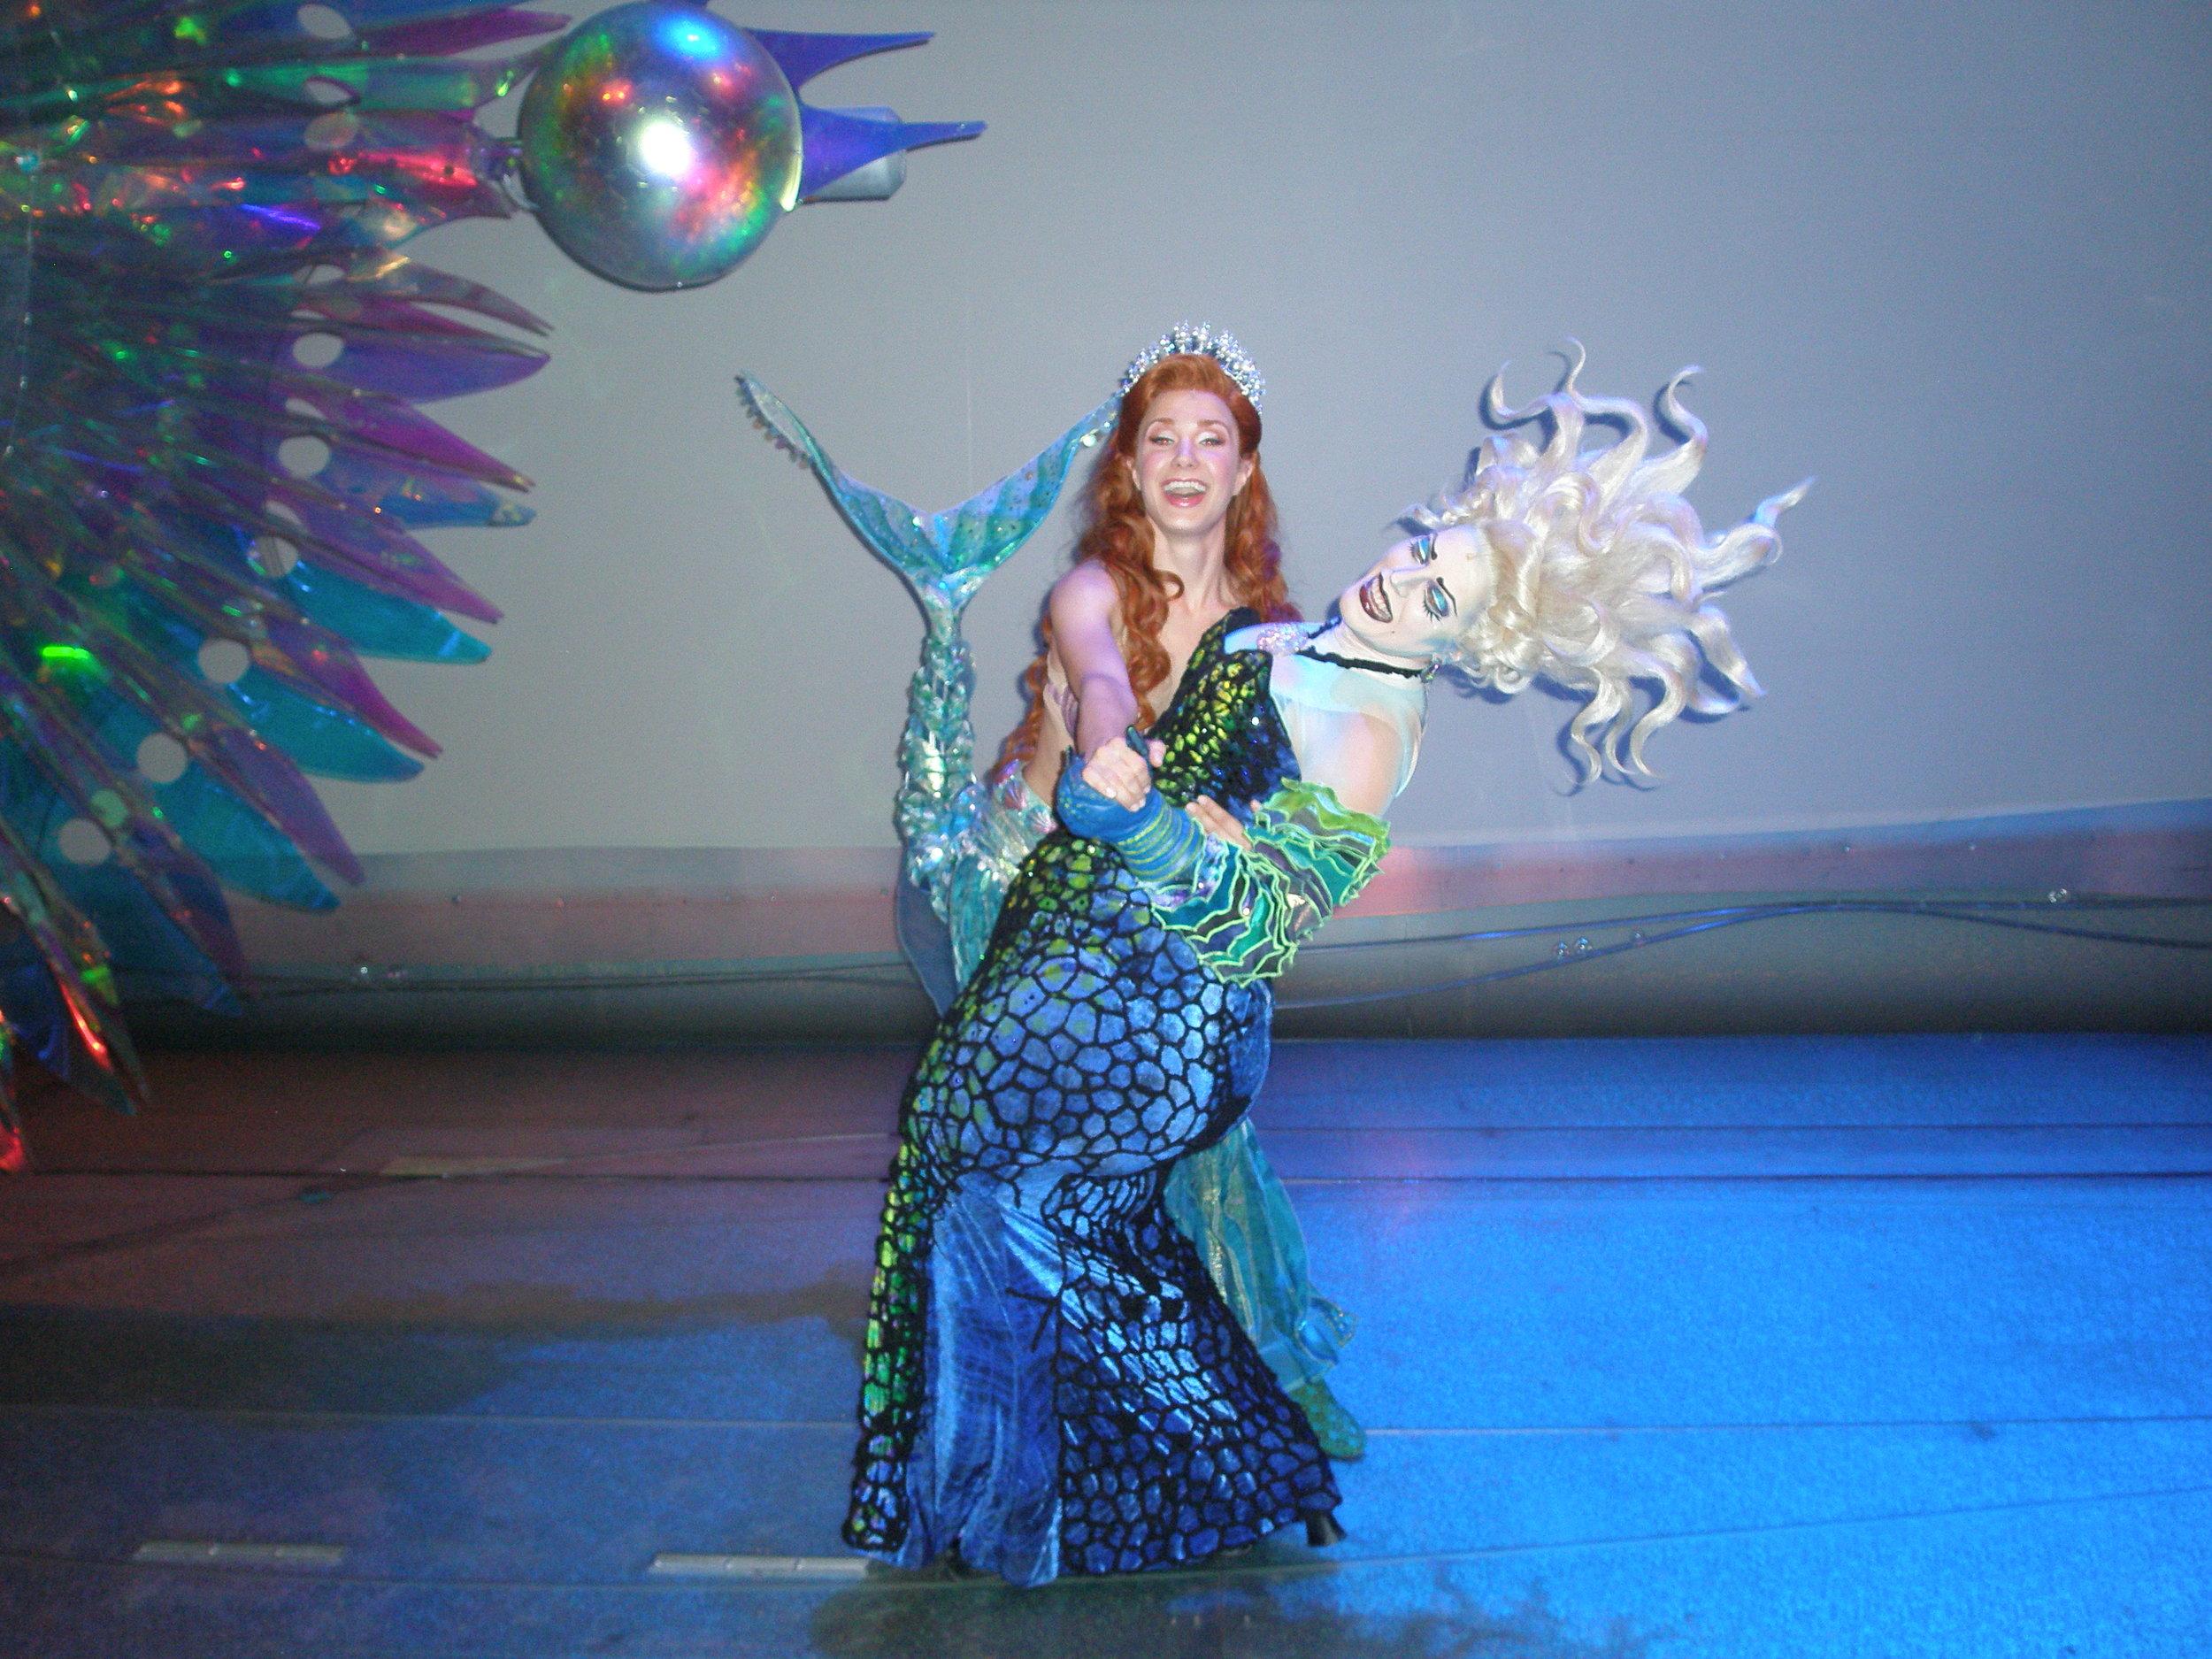 Sierra-Boggess-Little-Mermaid-Broadway-P1250008.JPG